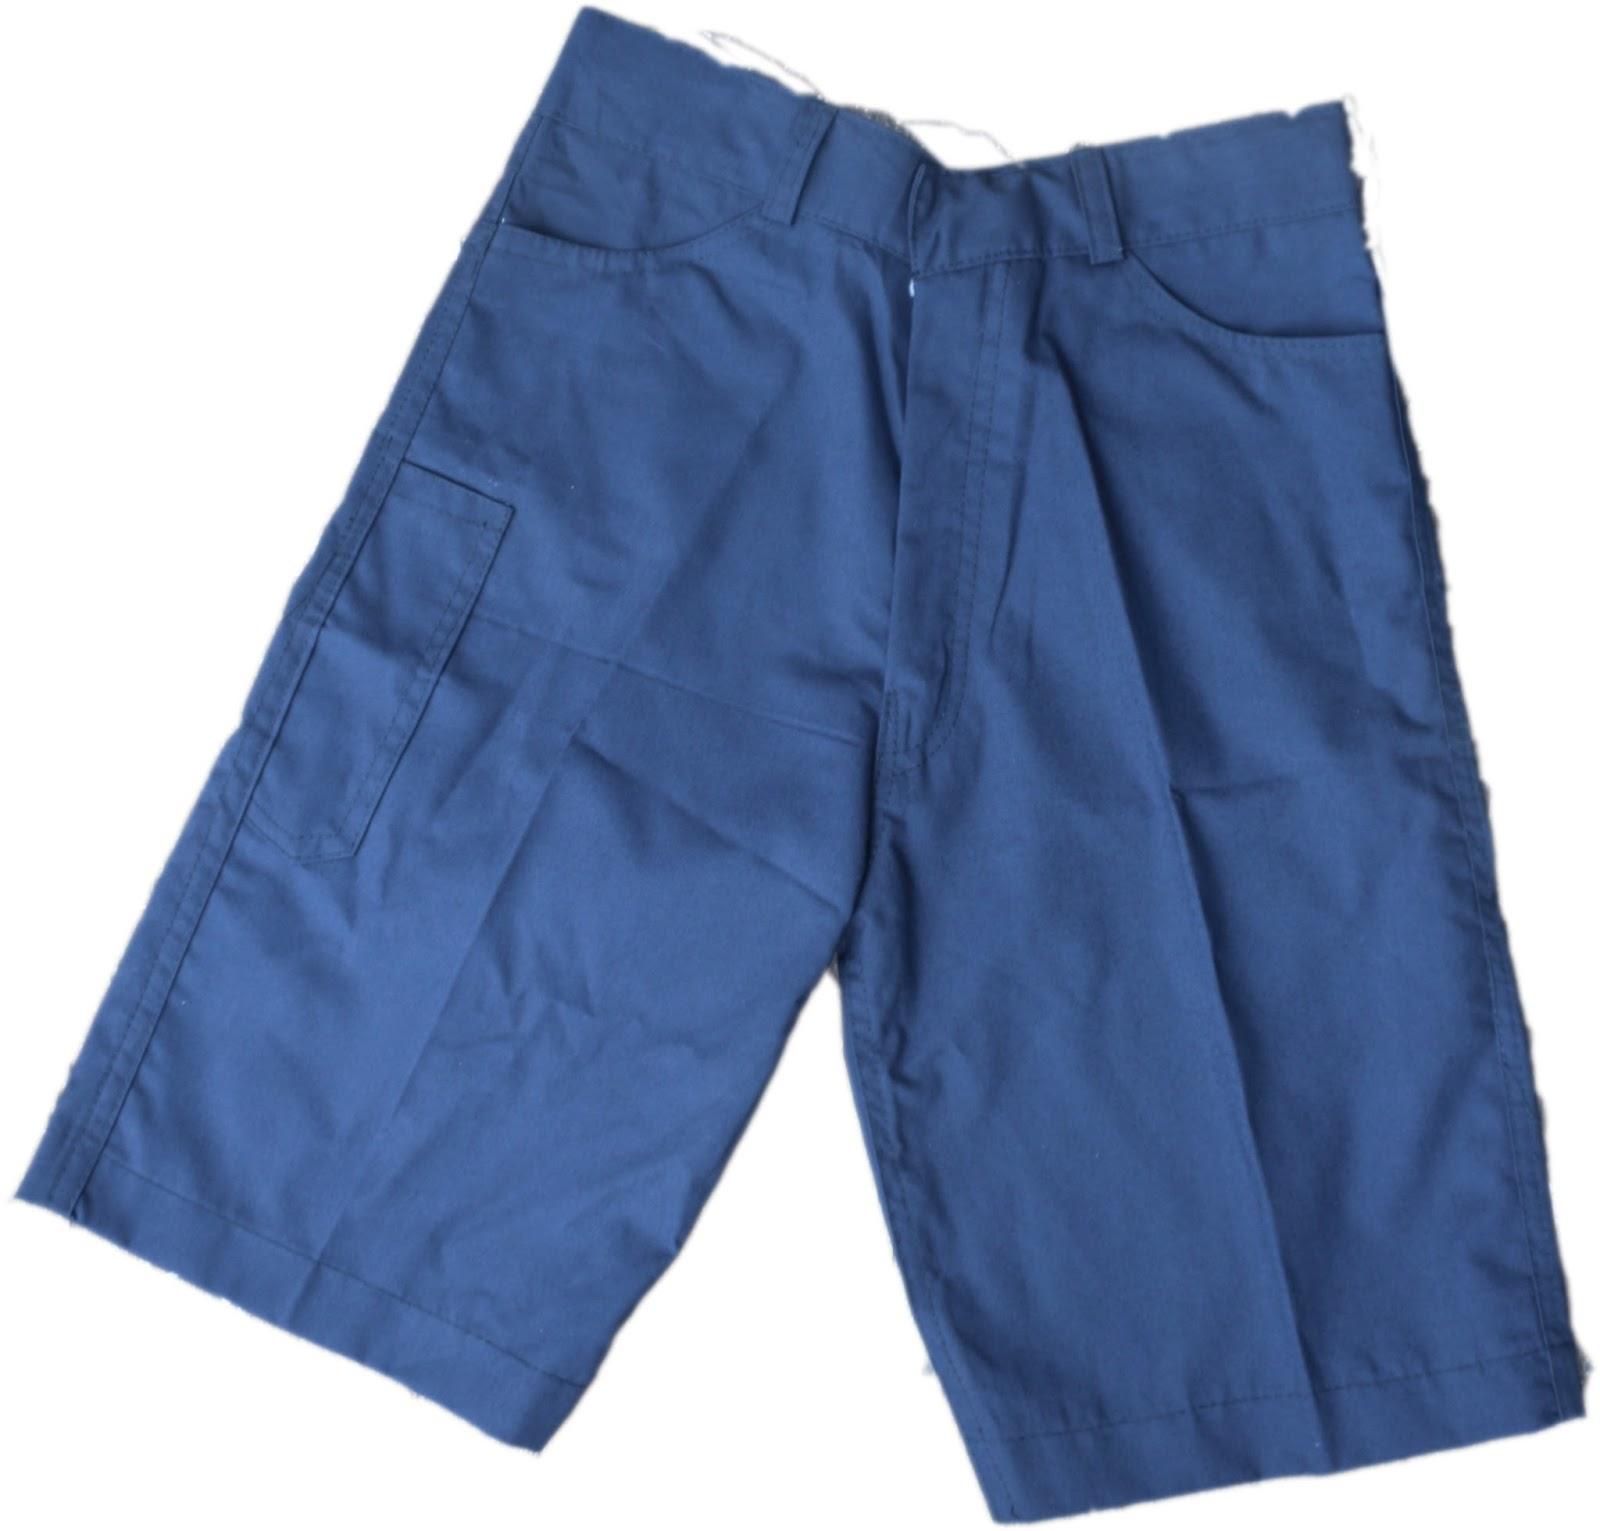 celana biru pendek uk s,m